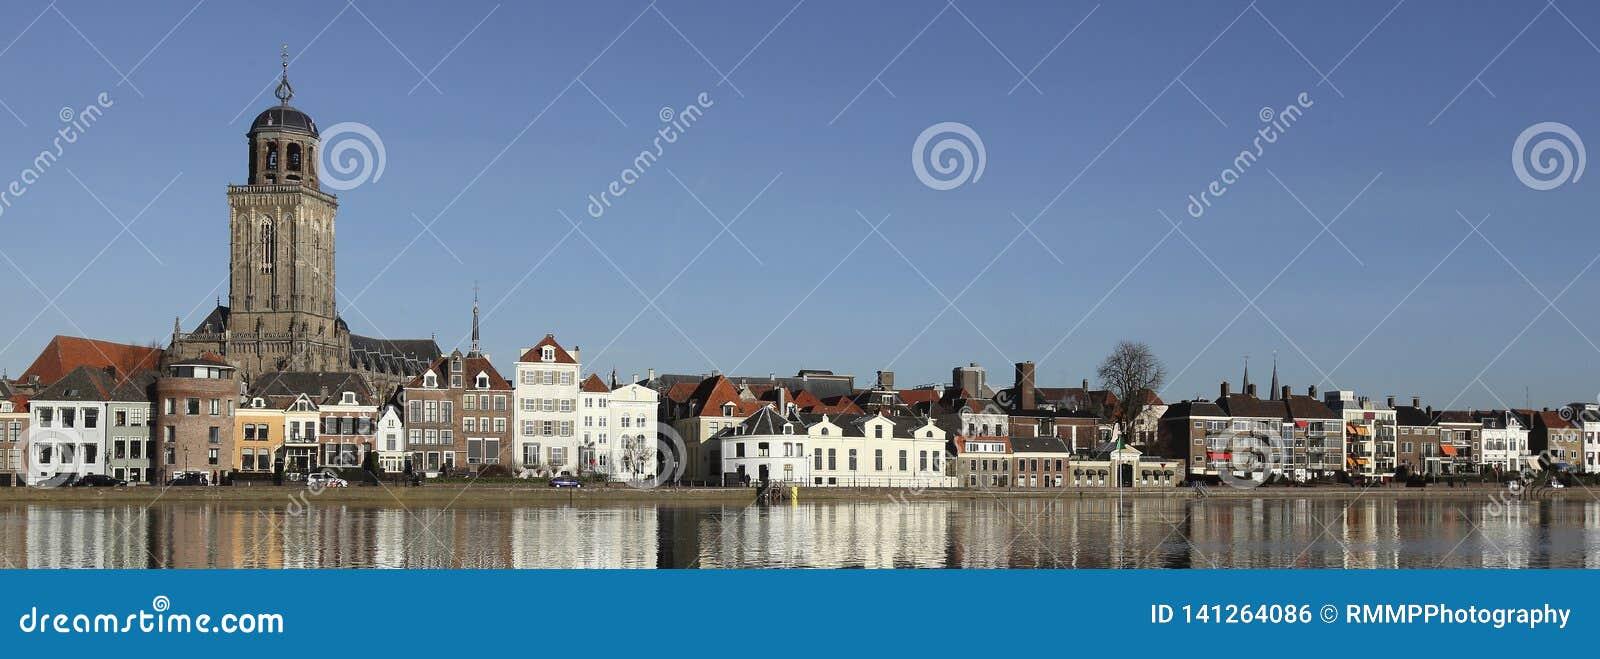 L horizon de la ville de Deventer aux Pays-Bas